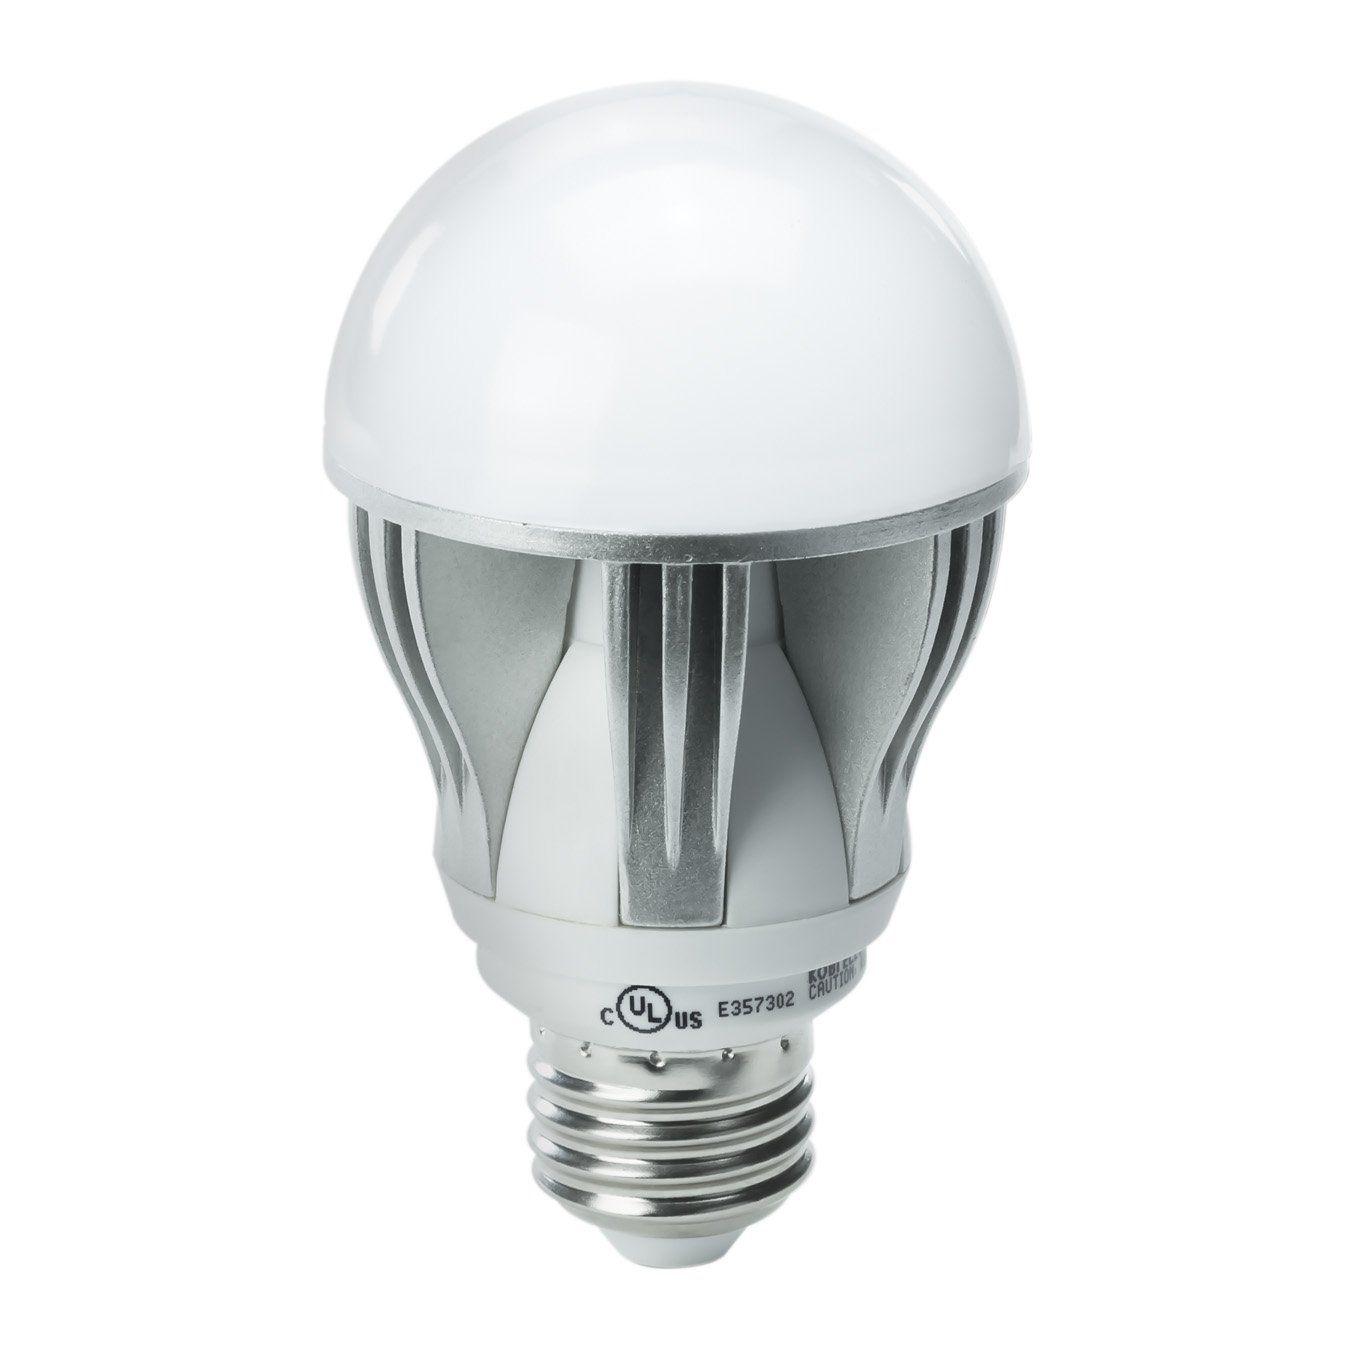 61v9zurussl Sy355 Jpg 355 355 Light Bulb White Light Bulbs Bulb